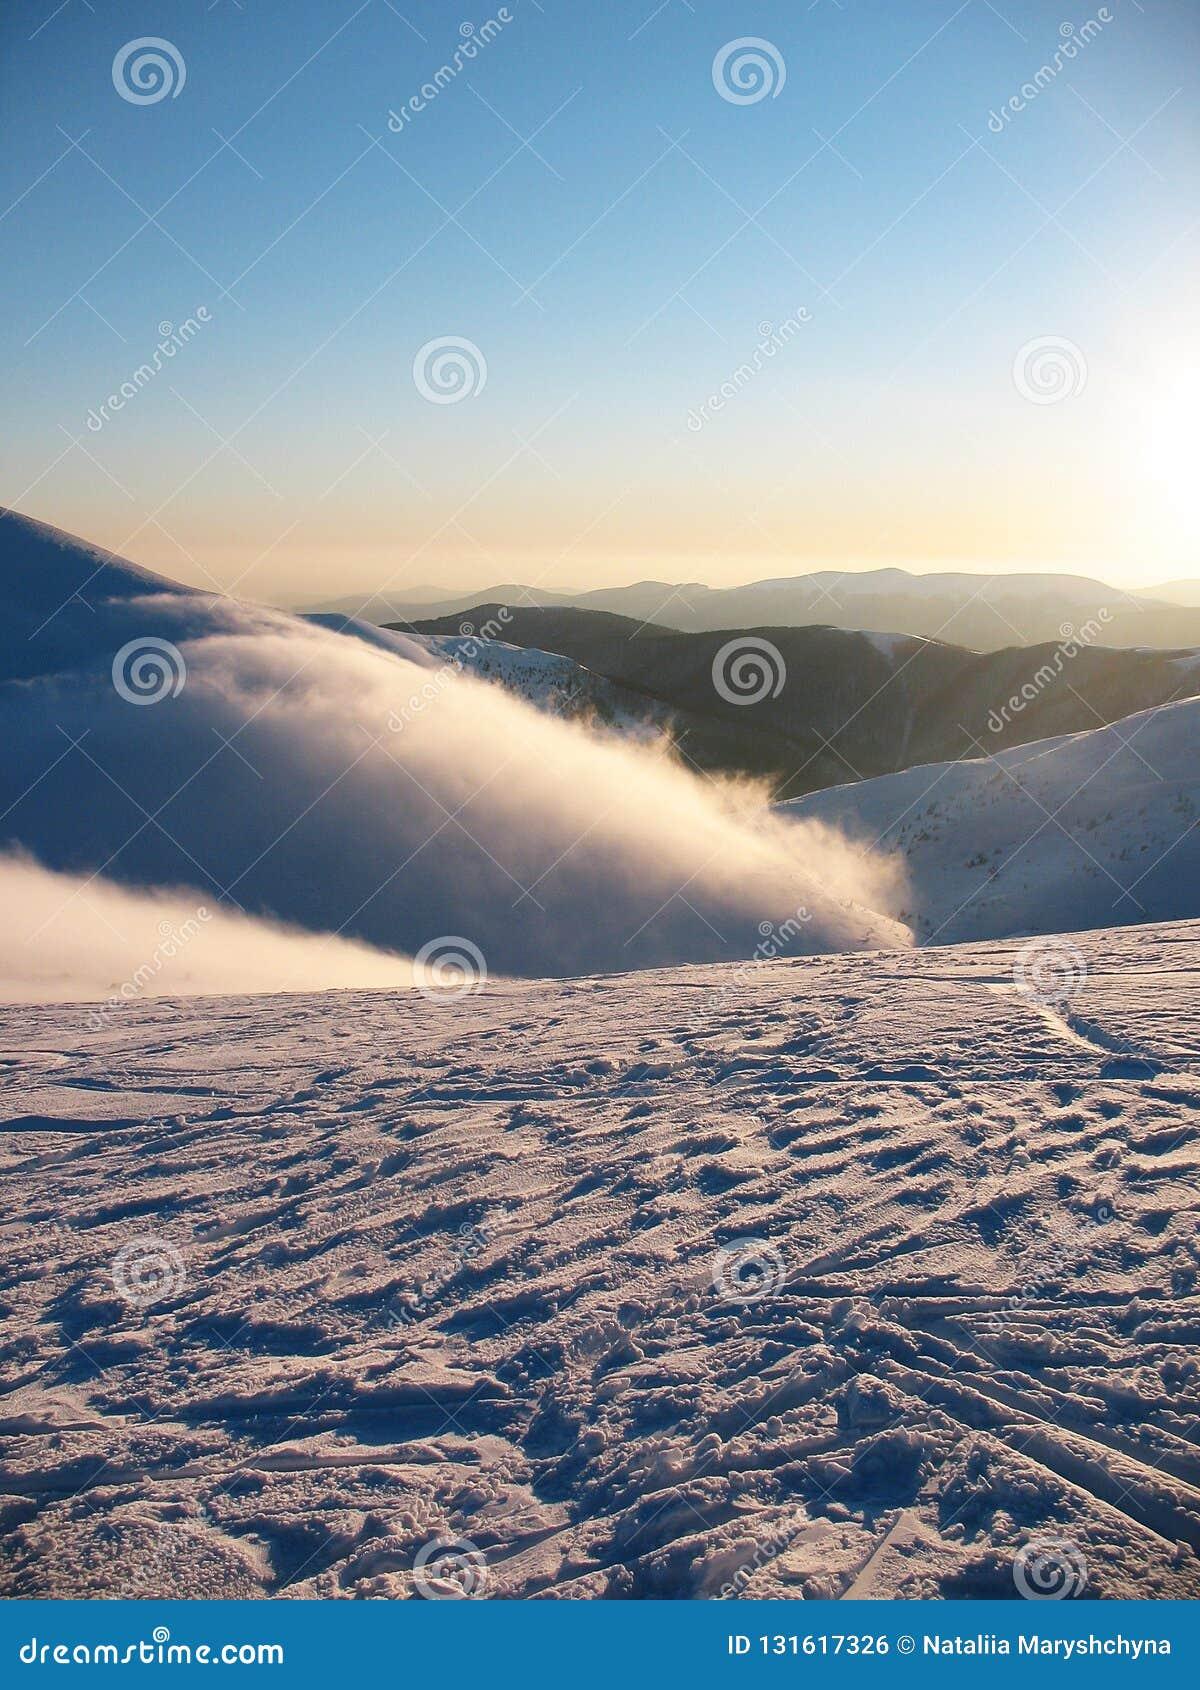 Biały śnieg zakrywający halni szczyty na wysokości Mgła płynie nad górą Opustoszały błękitny krańcowy zima krajobraz